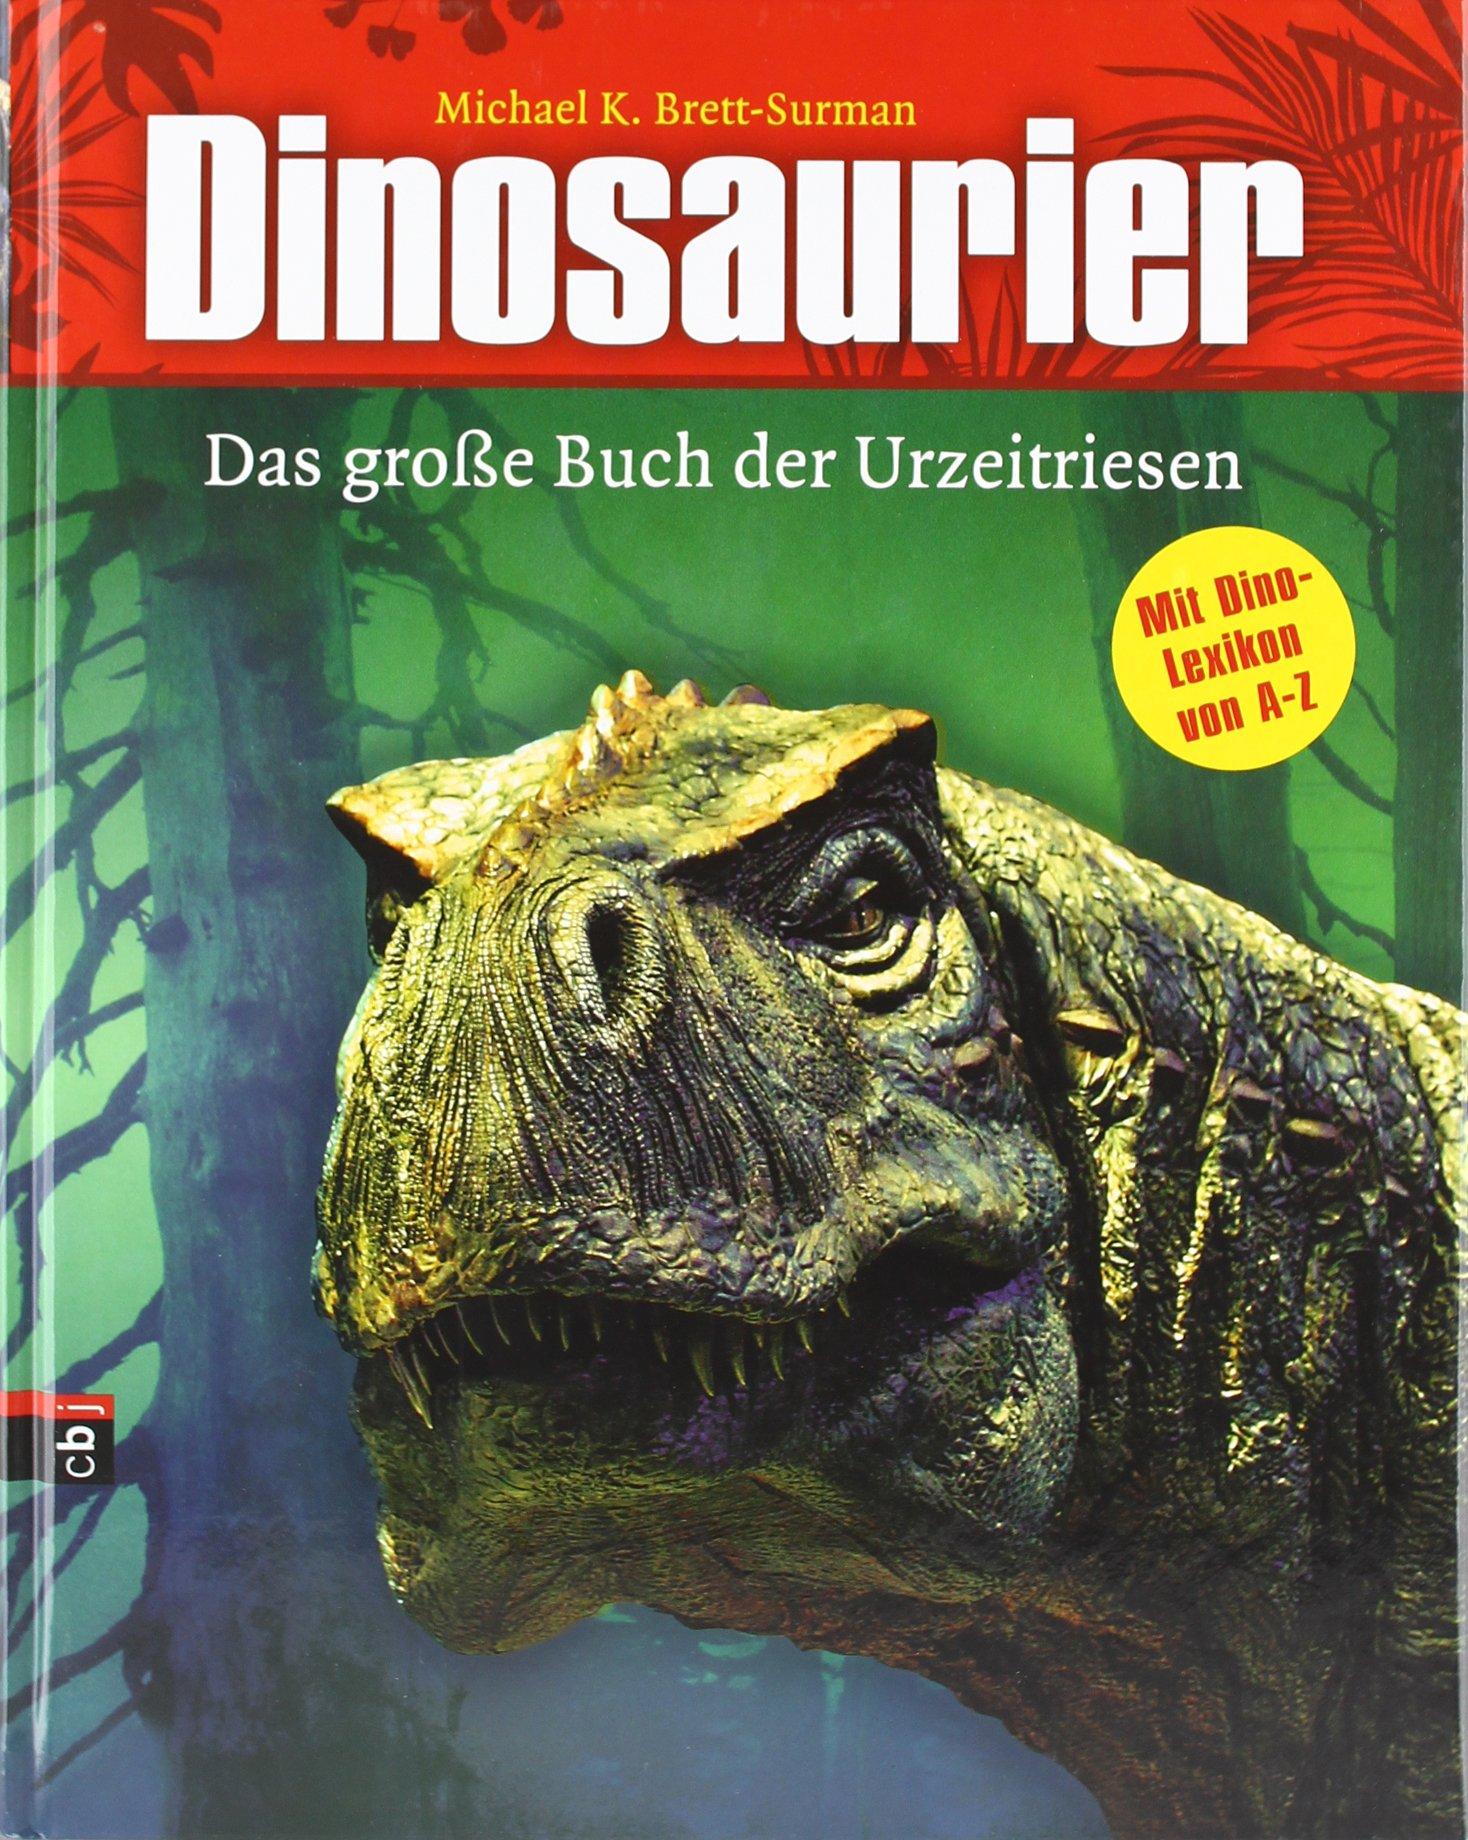 Dinosaurier - Das große Buch der Urzeitriesen